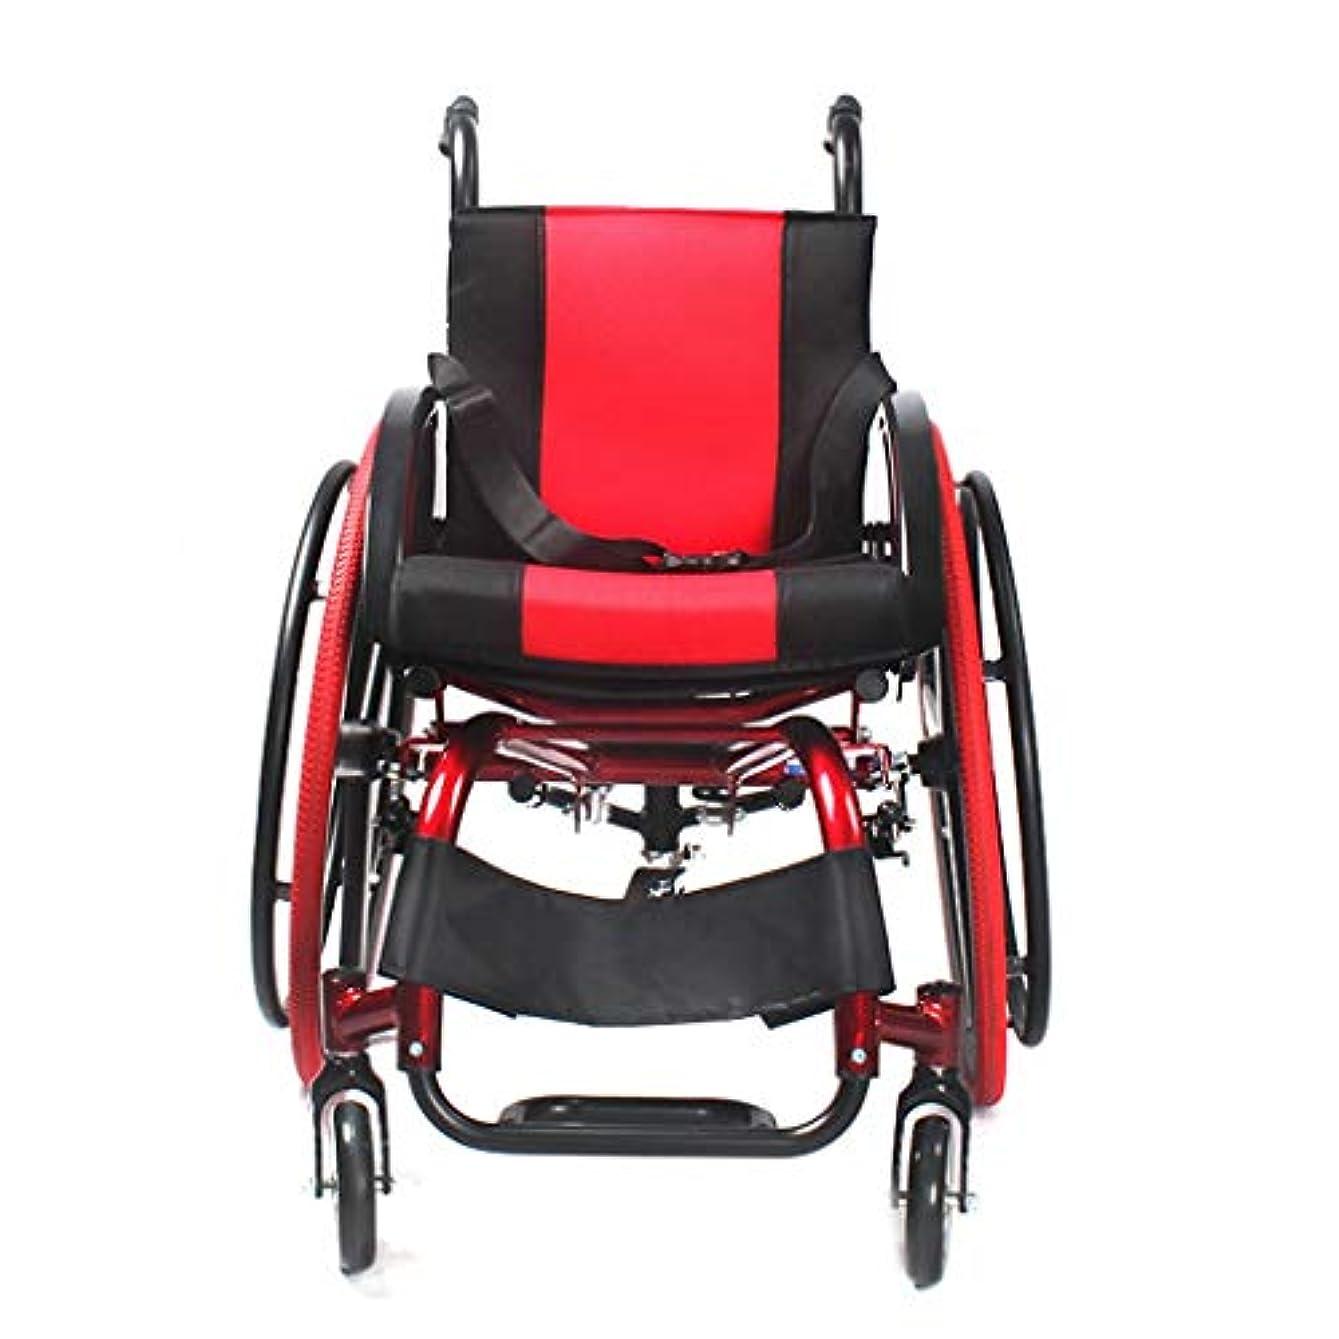 秀でる幻滅薄汚い車椅子折りたたみライトとポータブル、アルミ合金アンチチルト、障害者用車椅子